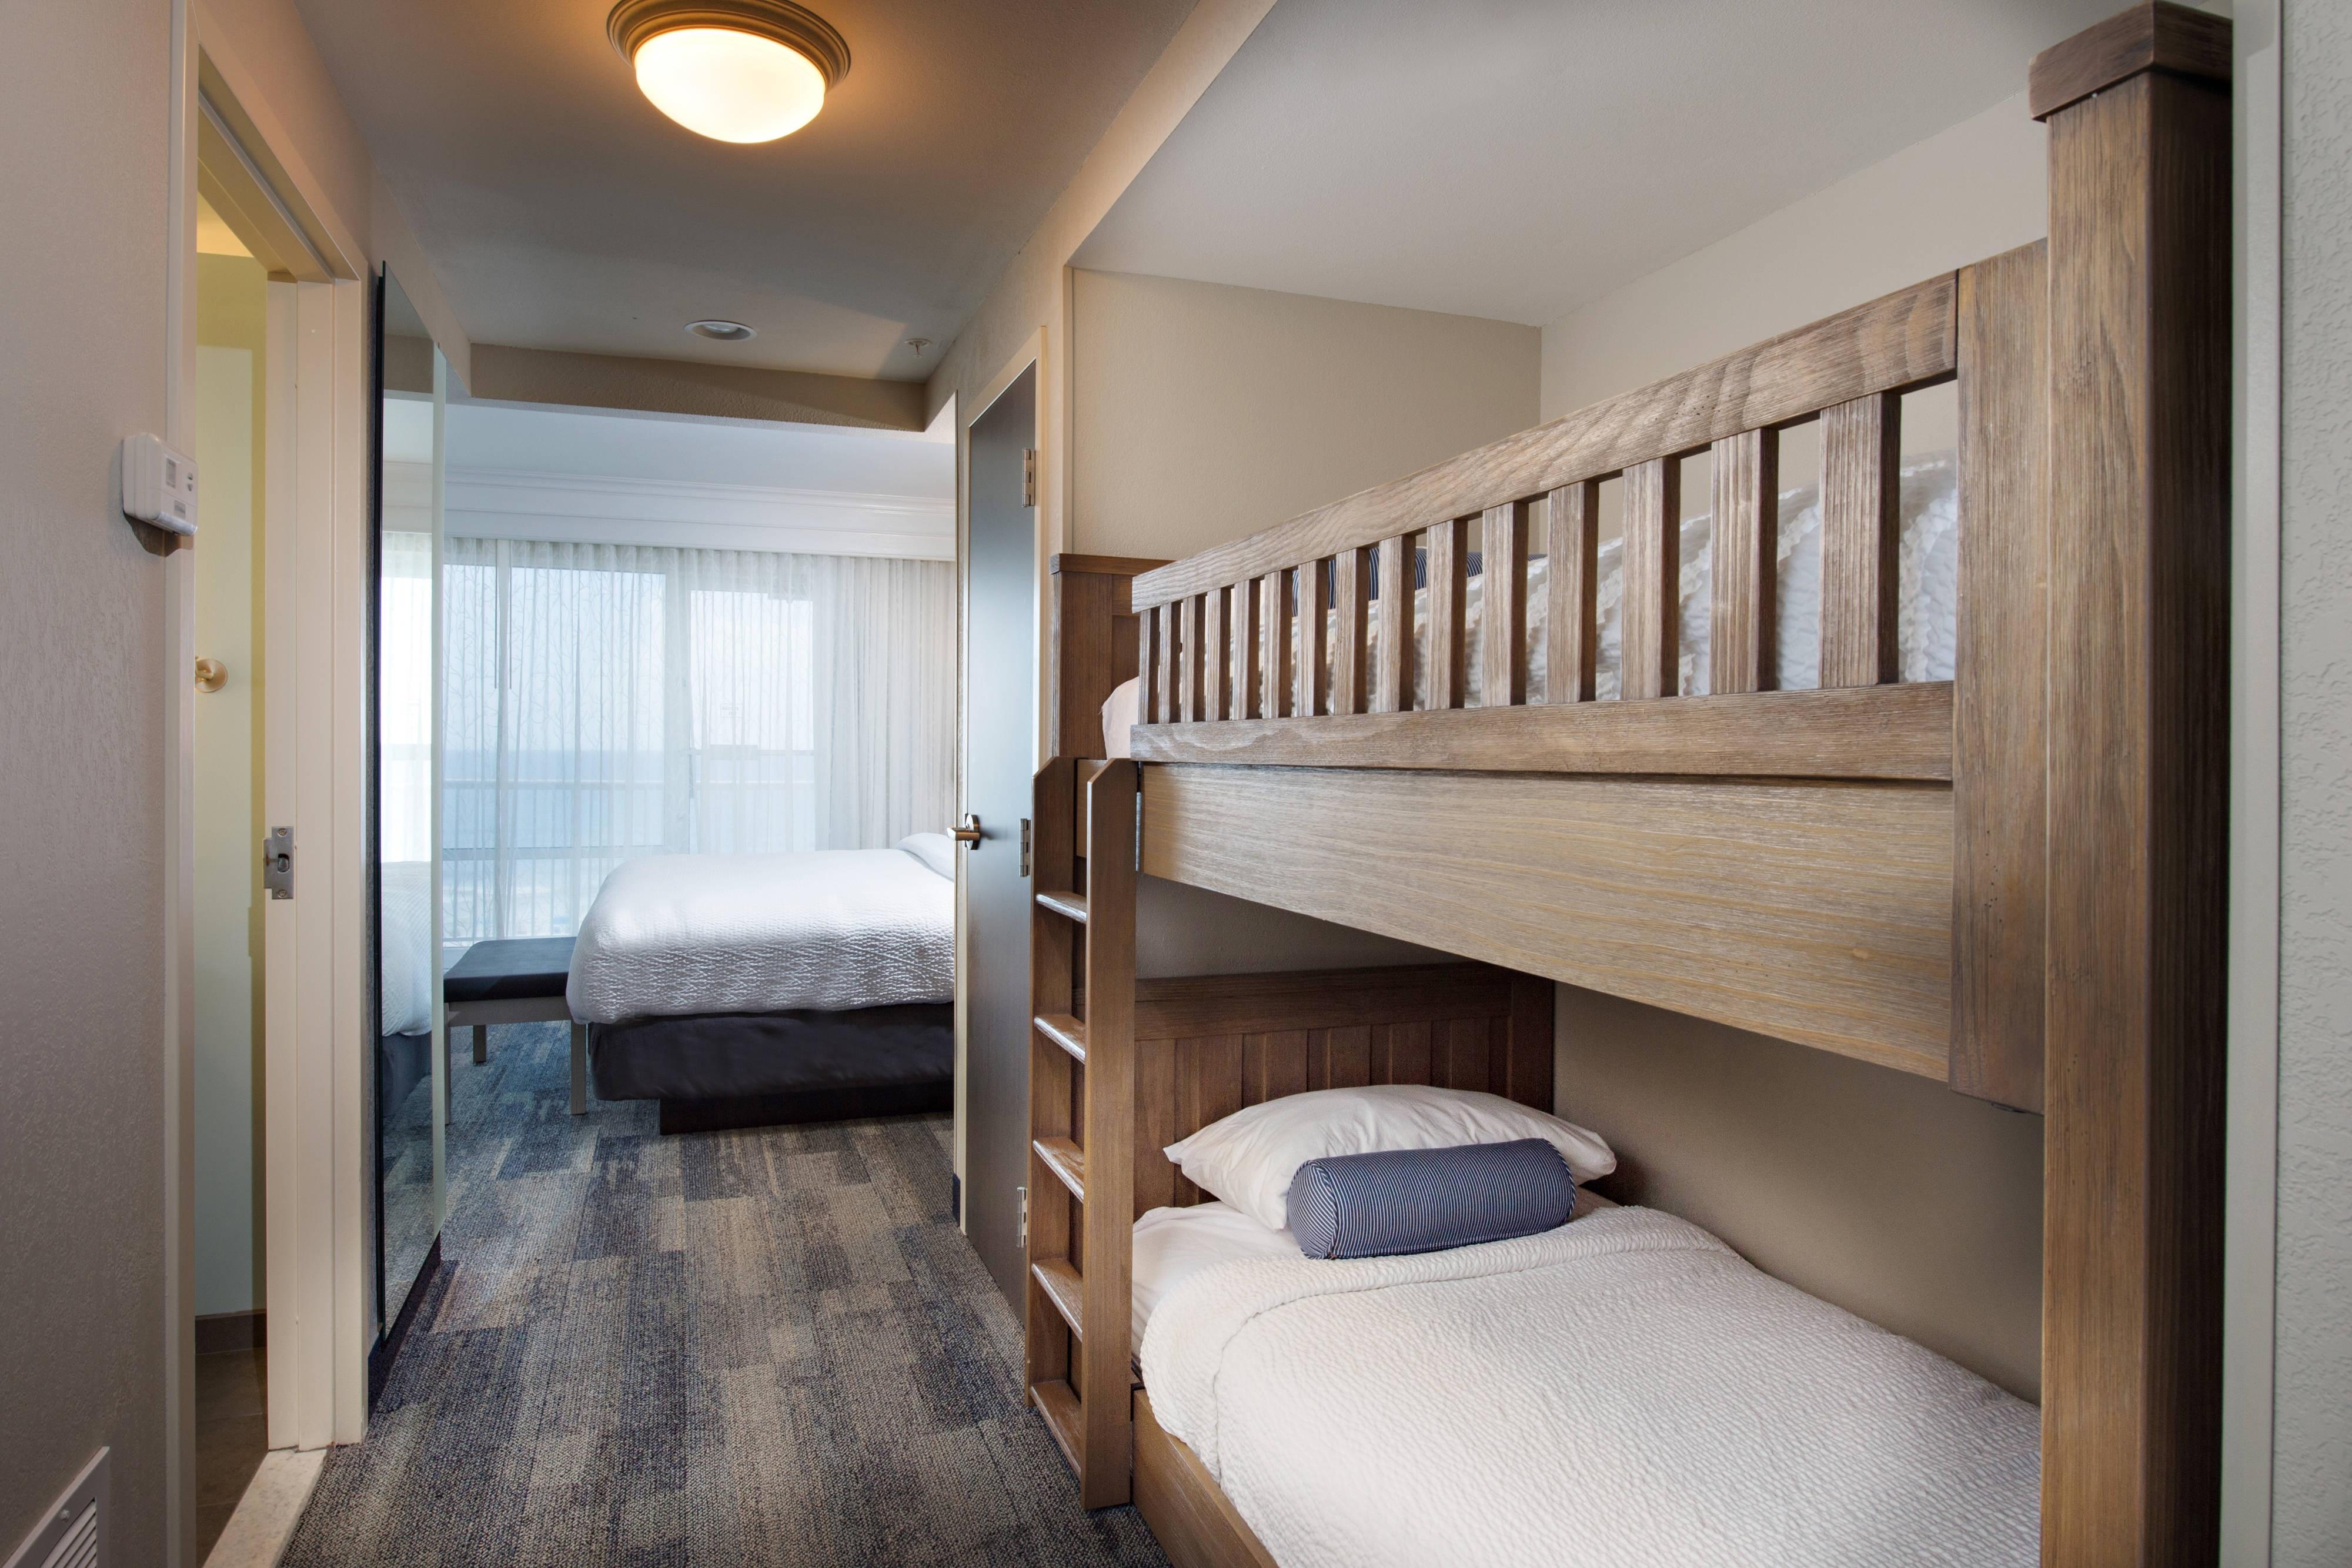 Pensacola Beach hotel bunk beds